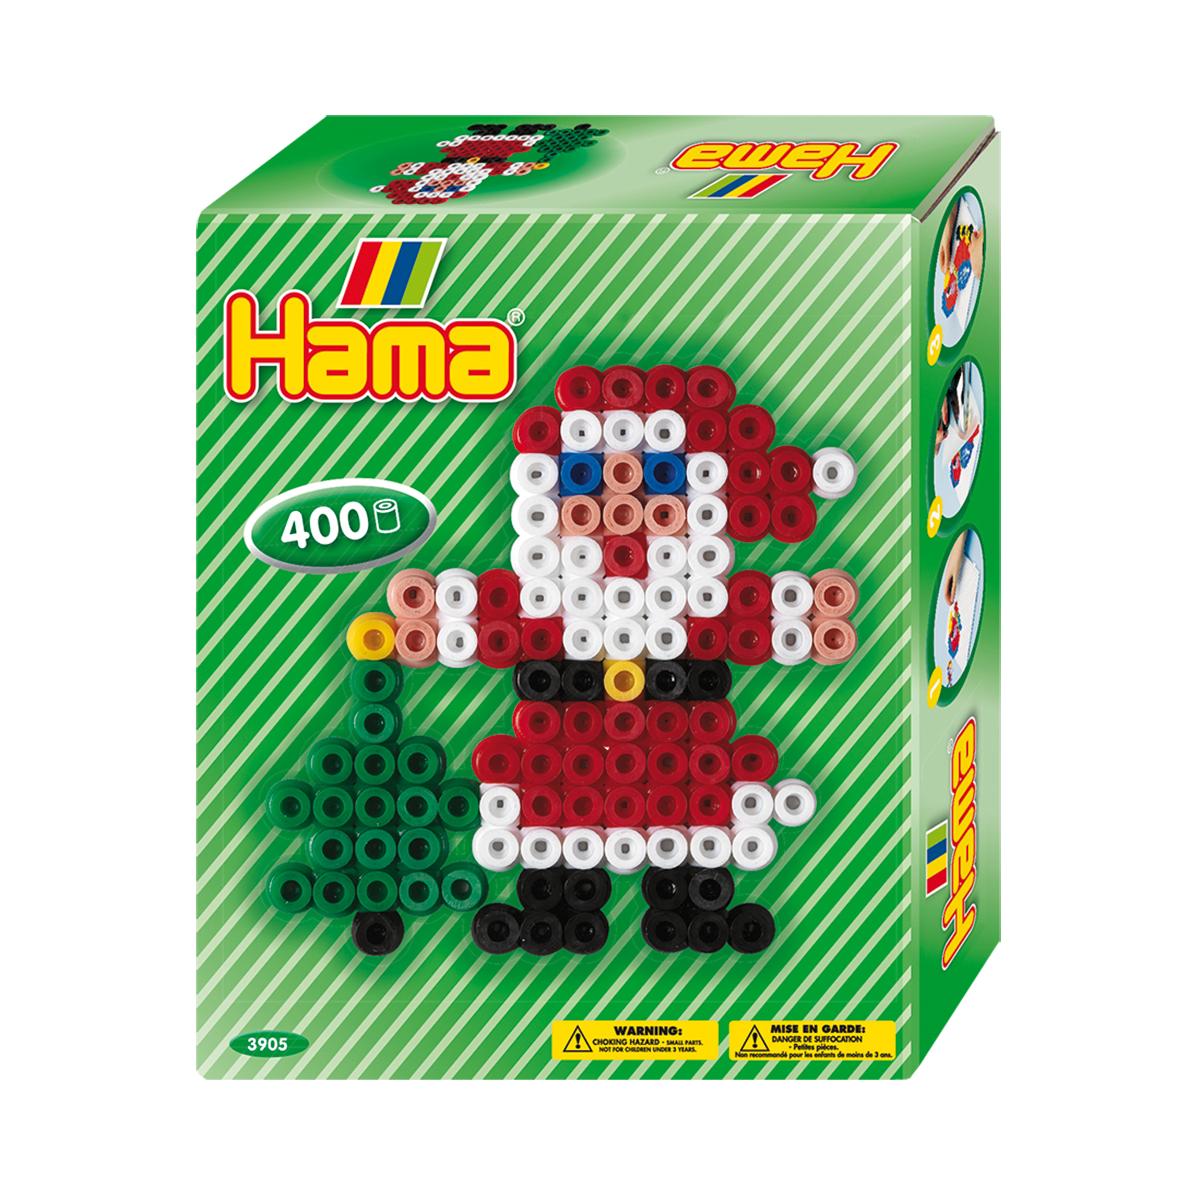 【在庫限り】ハマビーズミニボックス サンタクロース